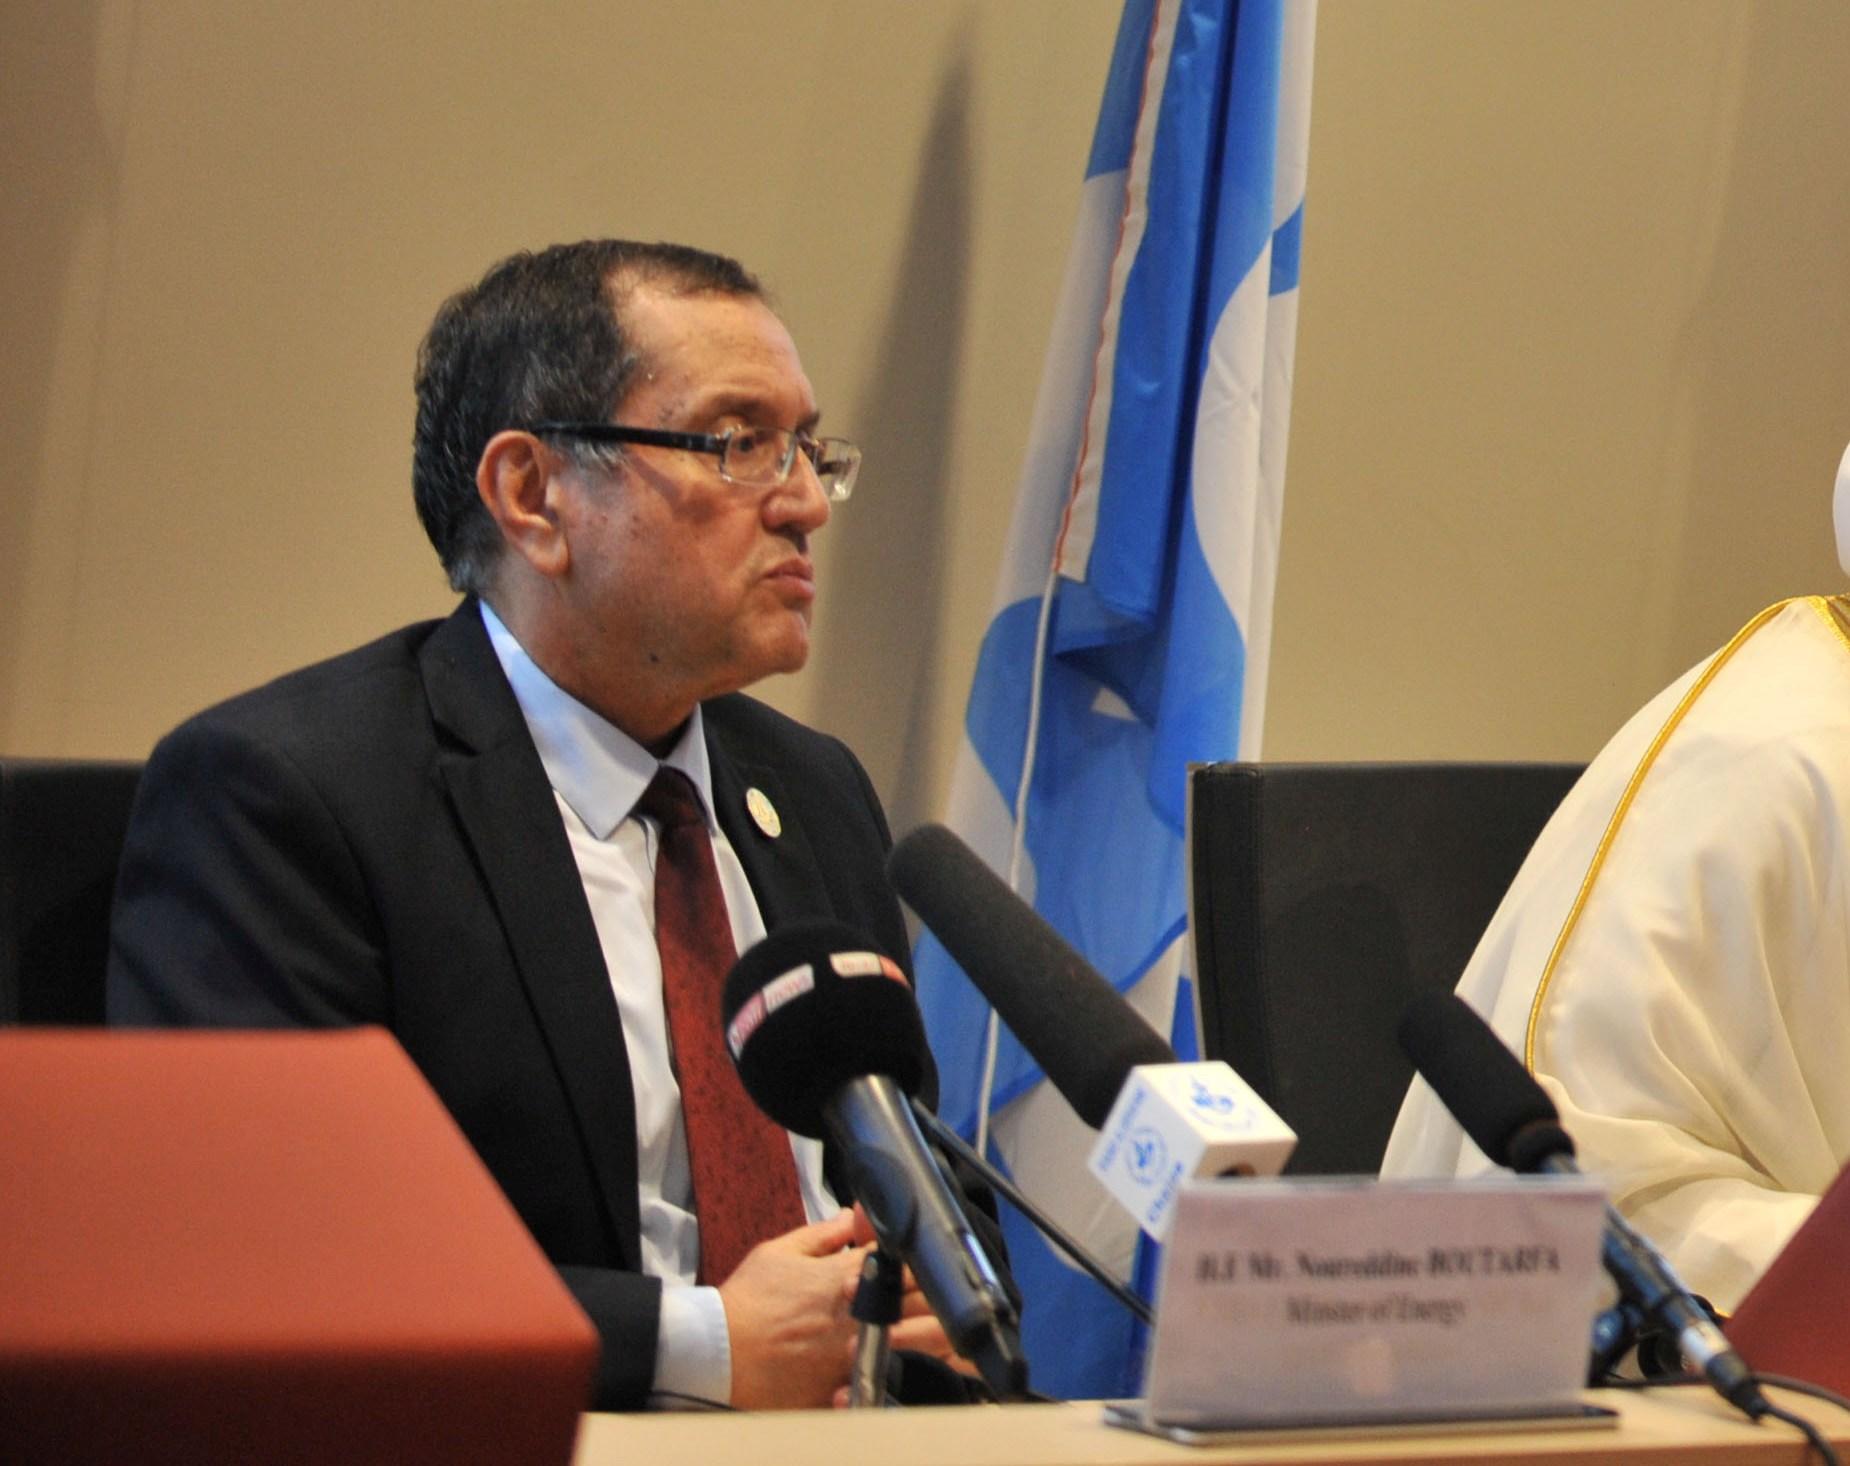 Le ministre de l'Energie, Noureddine Boutarfa, lors de la réunion d'Alger, le 28 septembre dernier. New Press